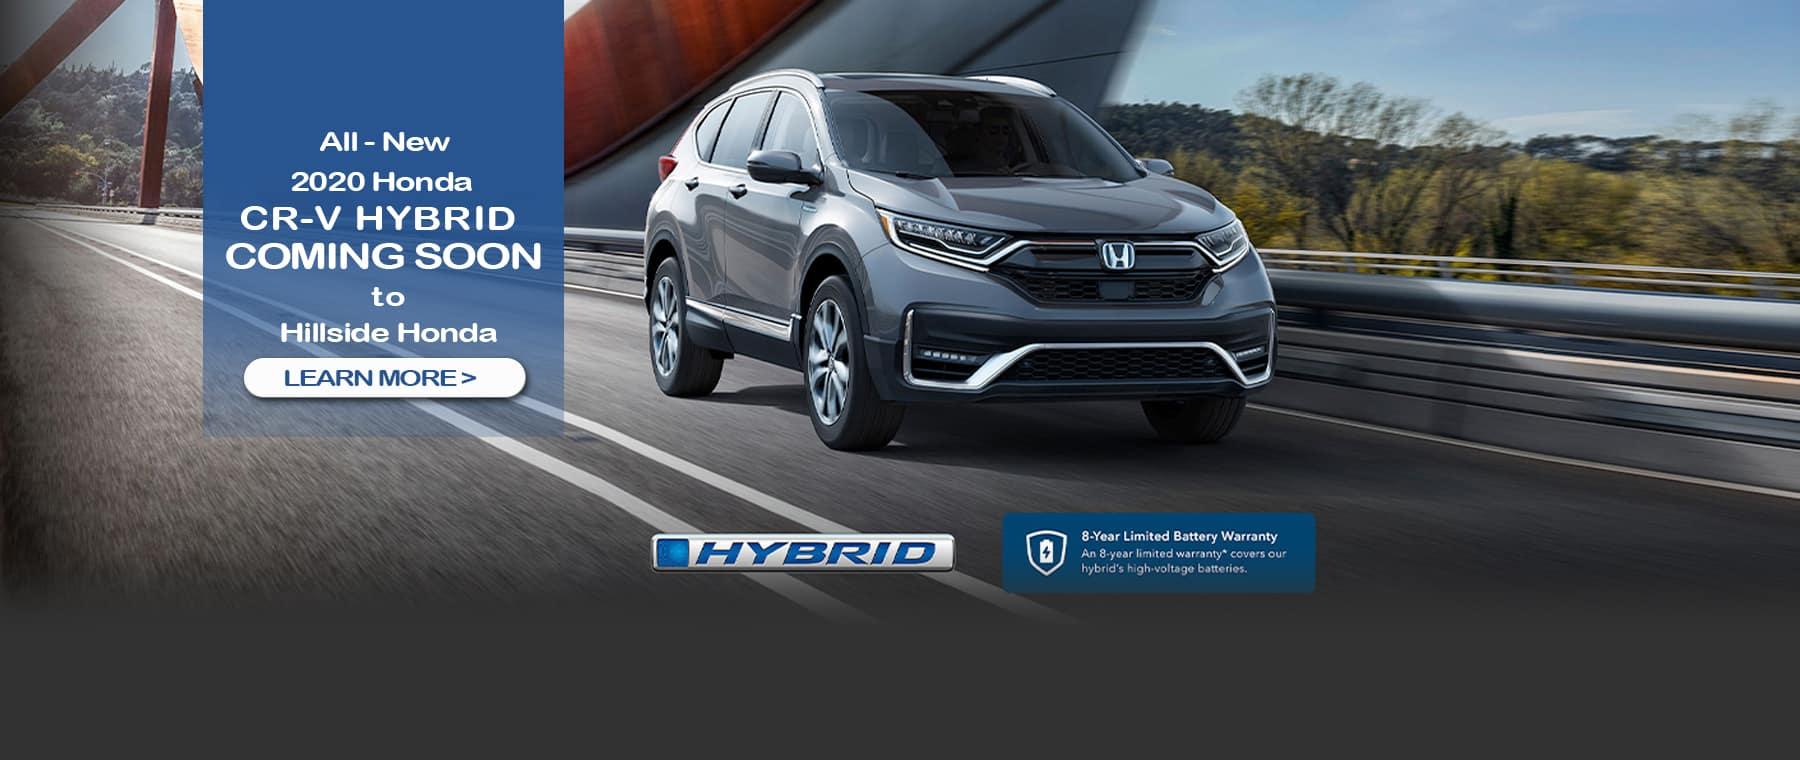 2020-Honda-CR-V-Hybrid-Hillside-Honda